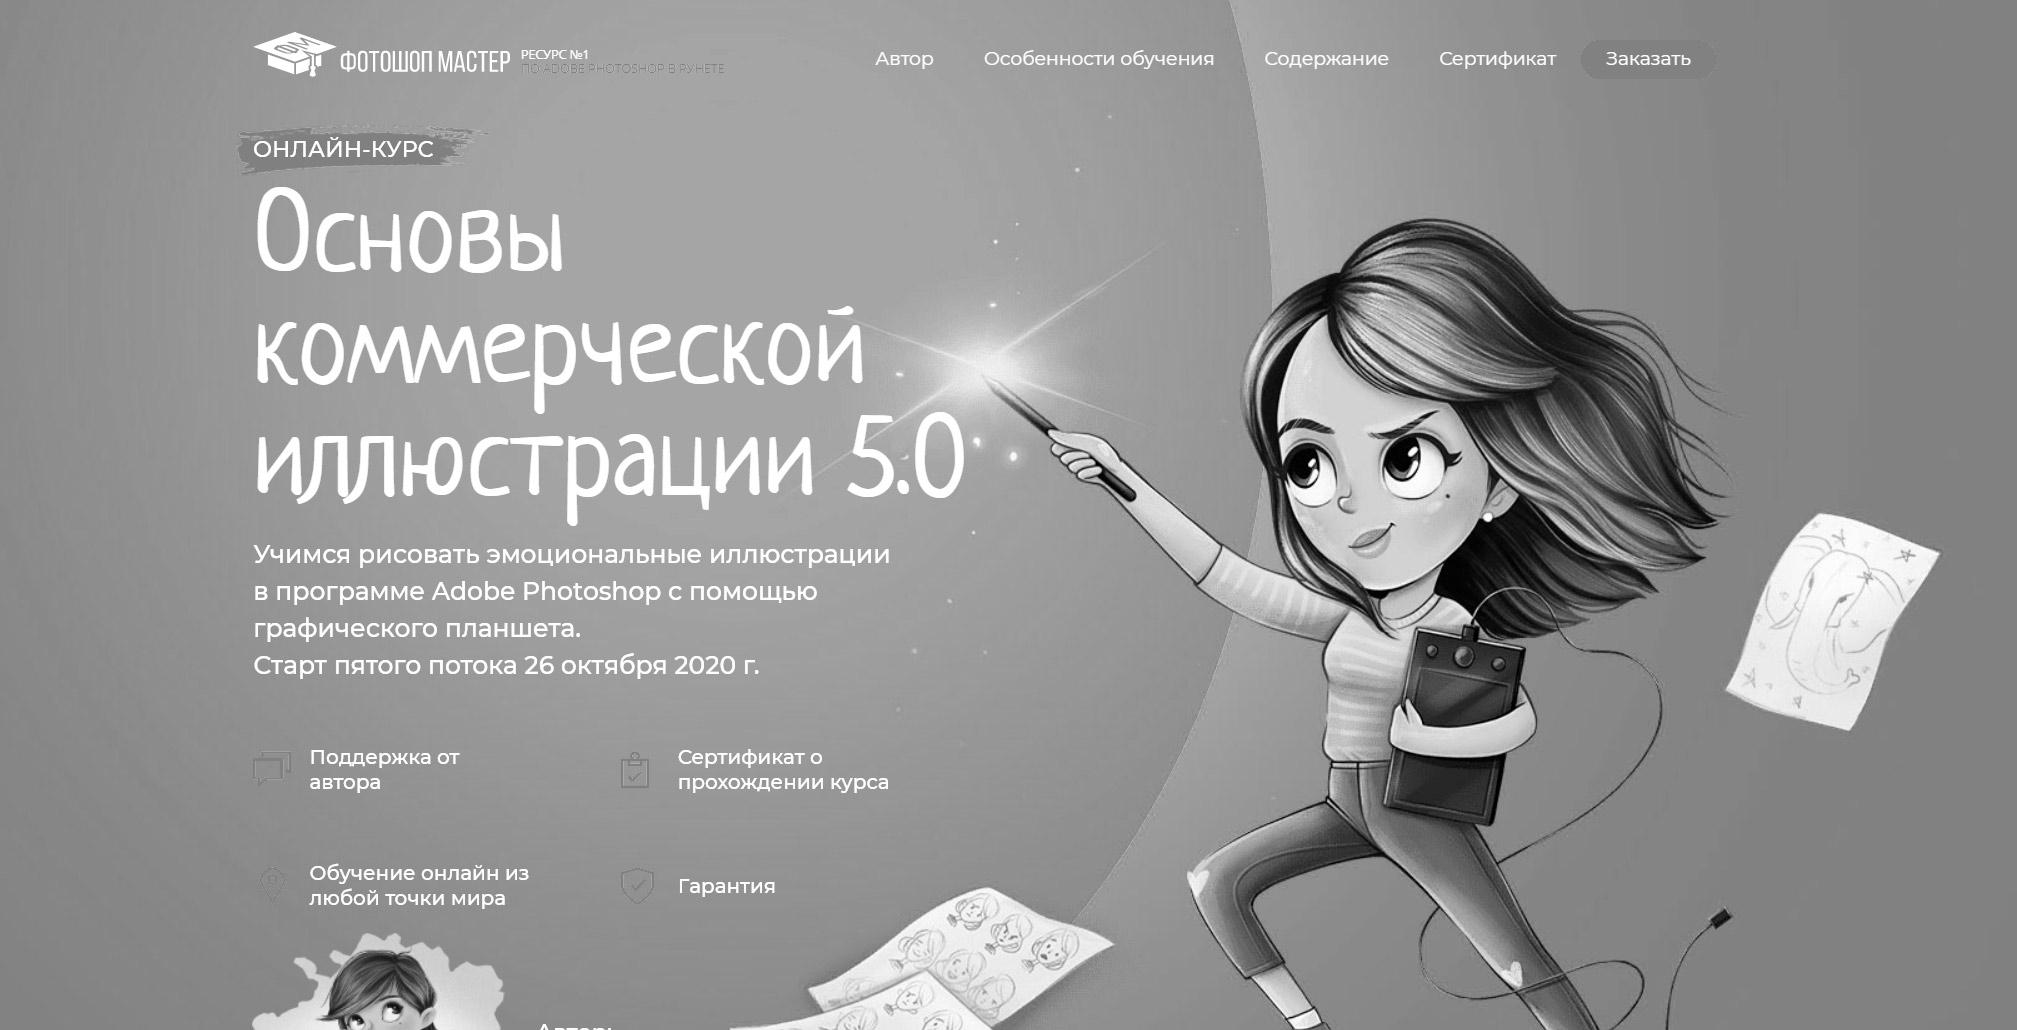 Основы коммерческой иллюстрации купон на скидку фотошоп мастер